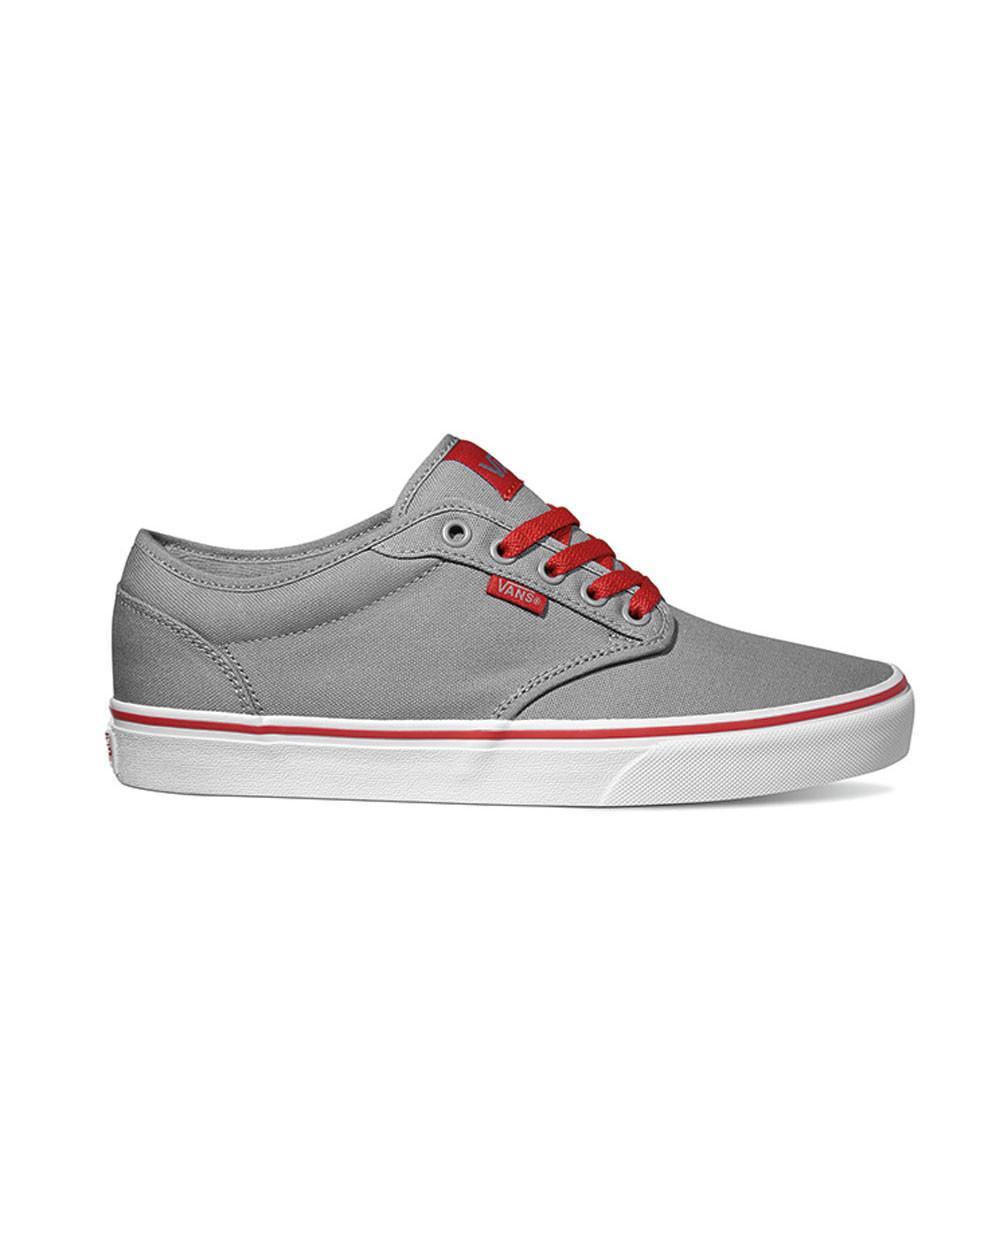 low top vans grey